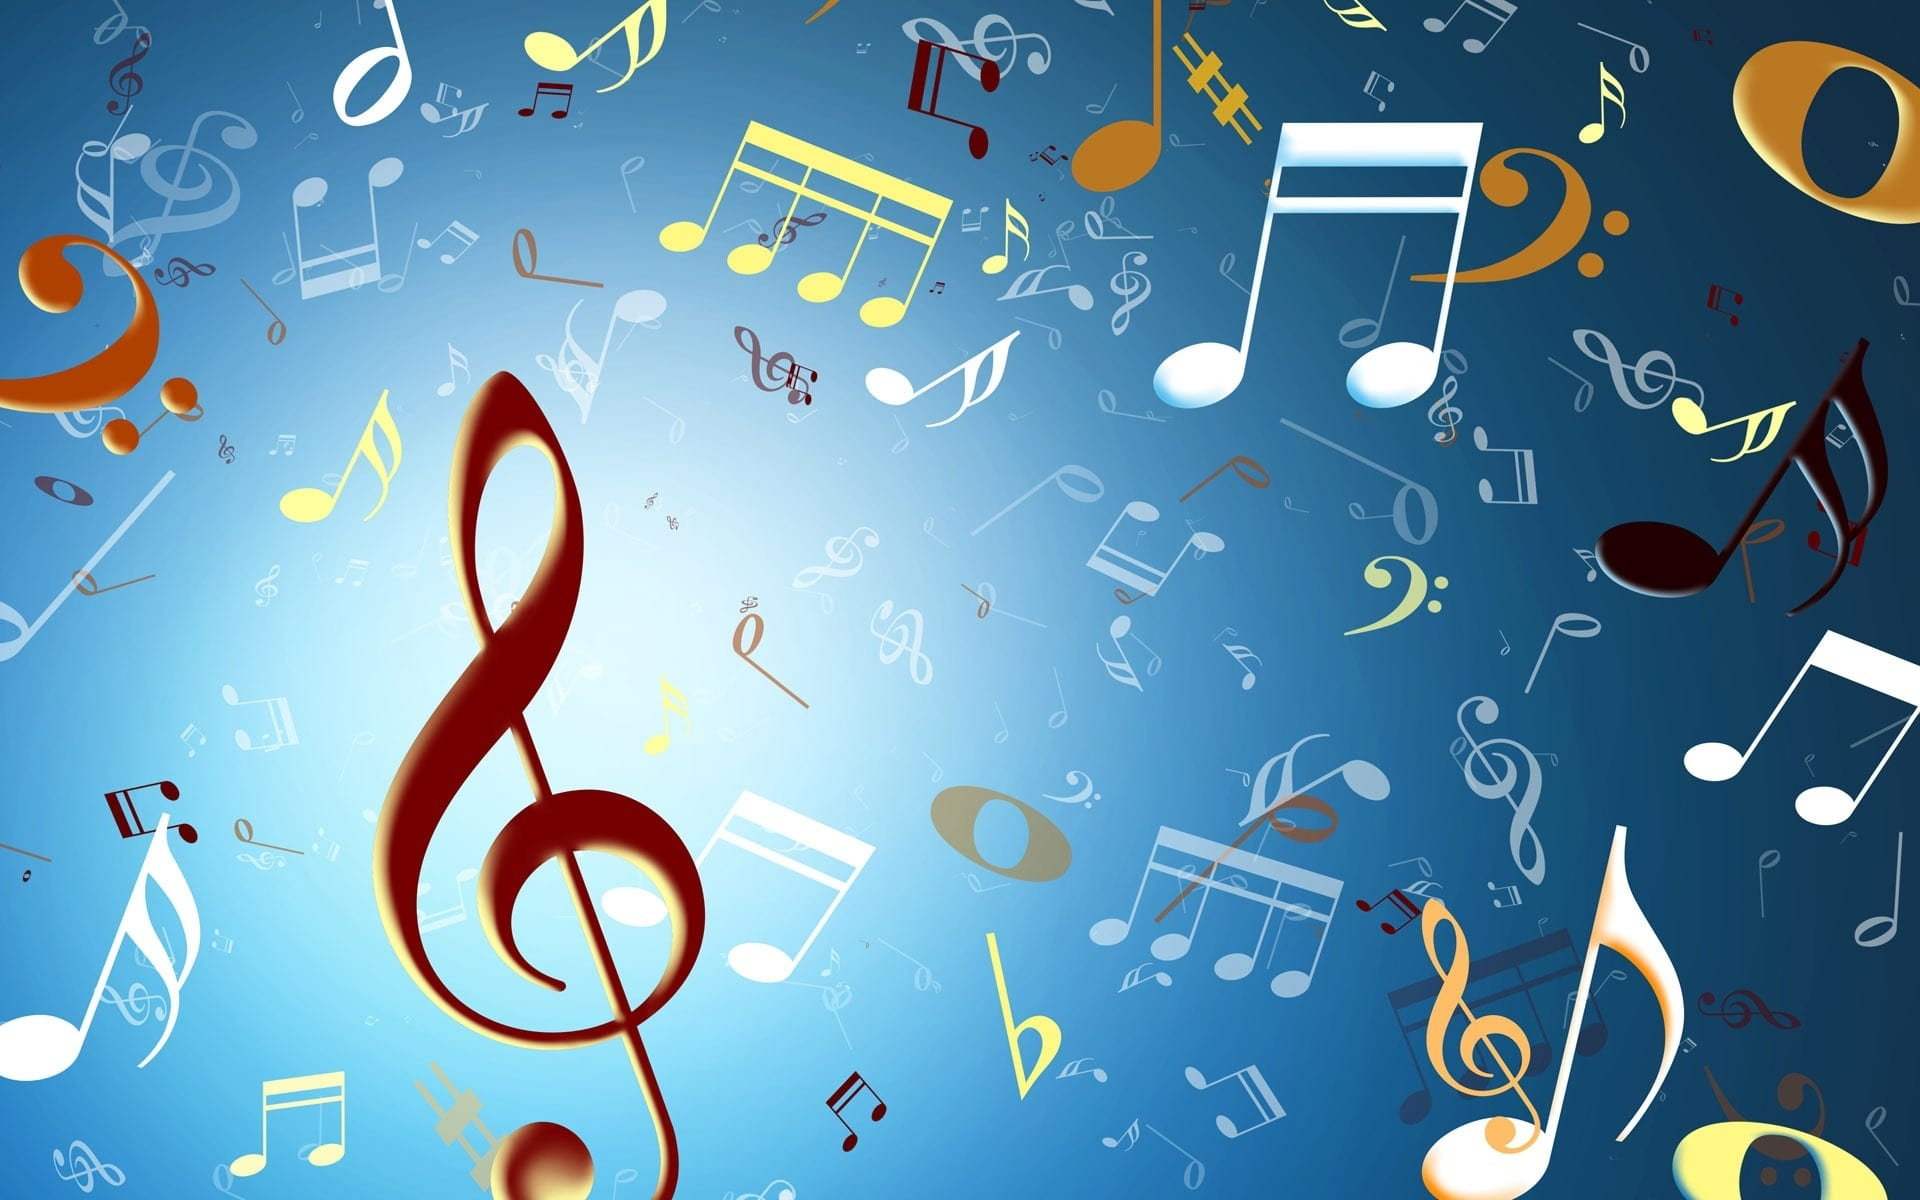 Musique-couleur